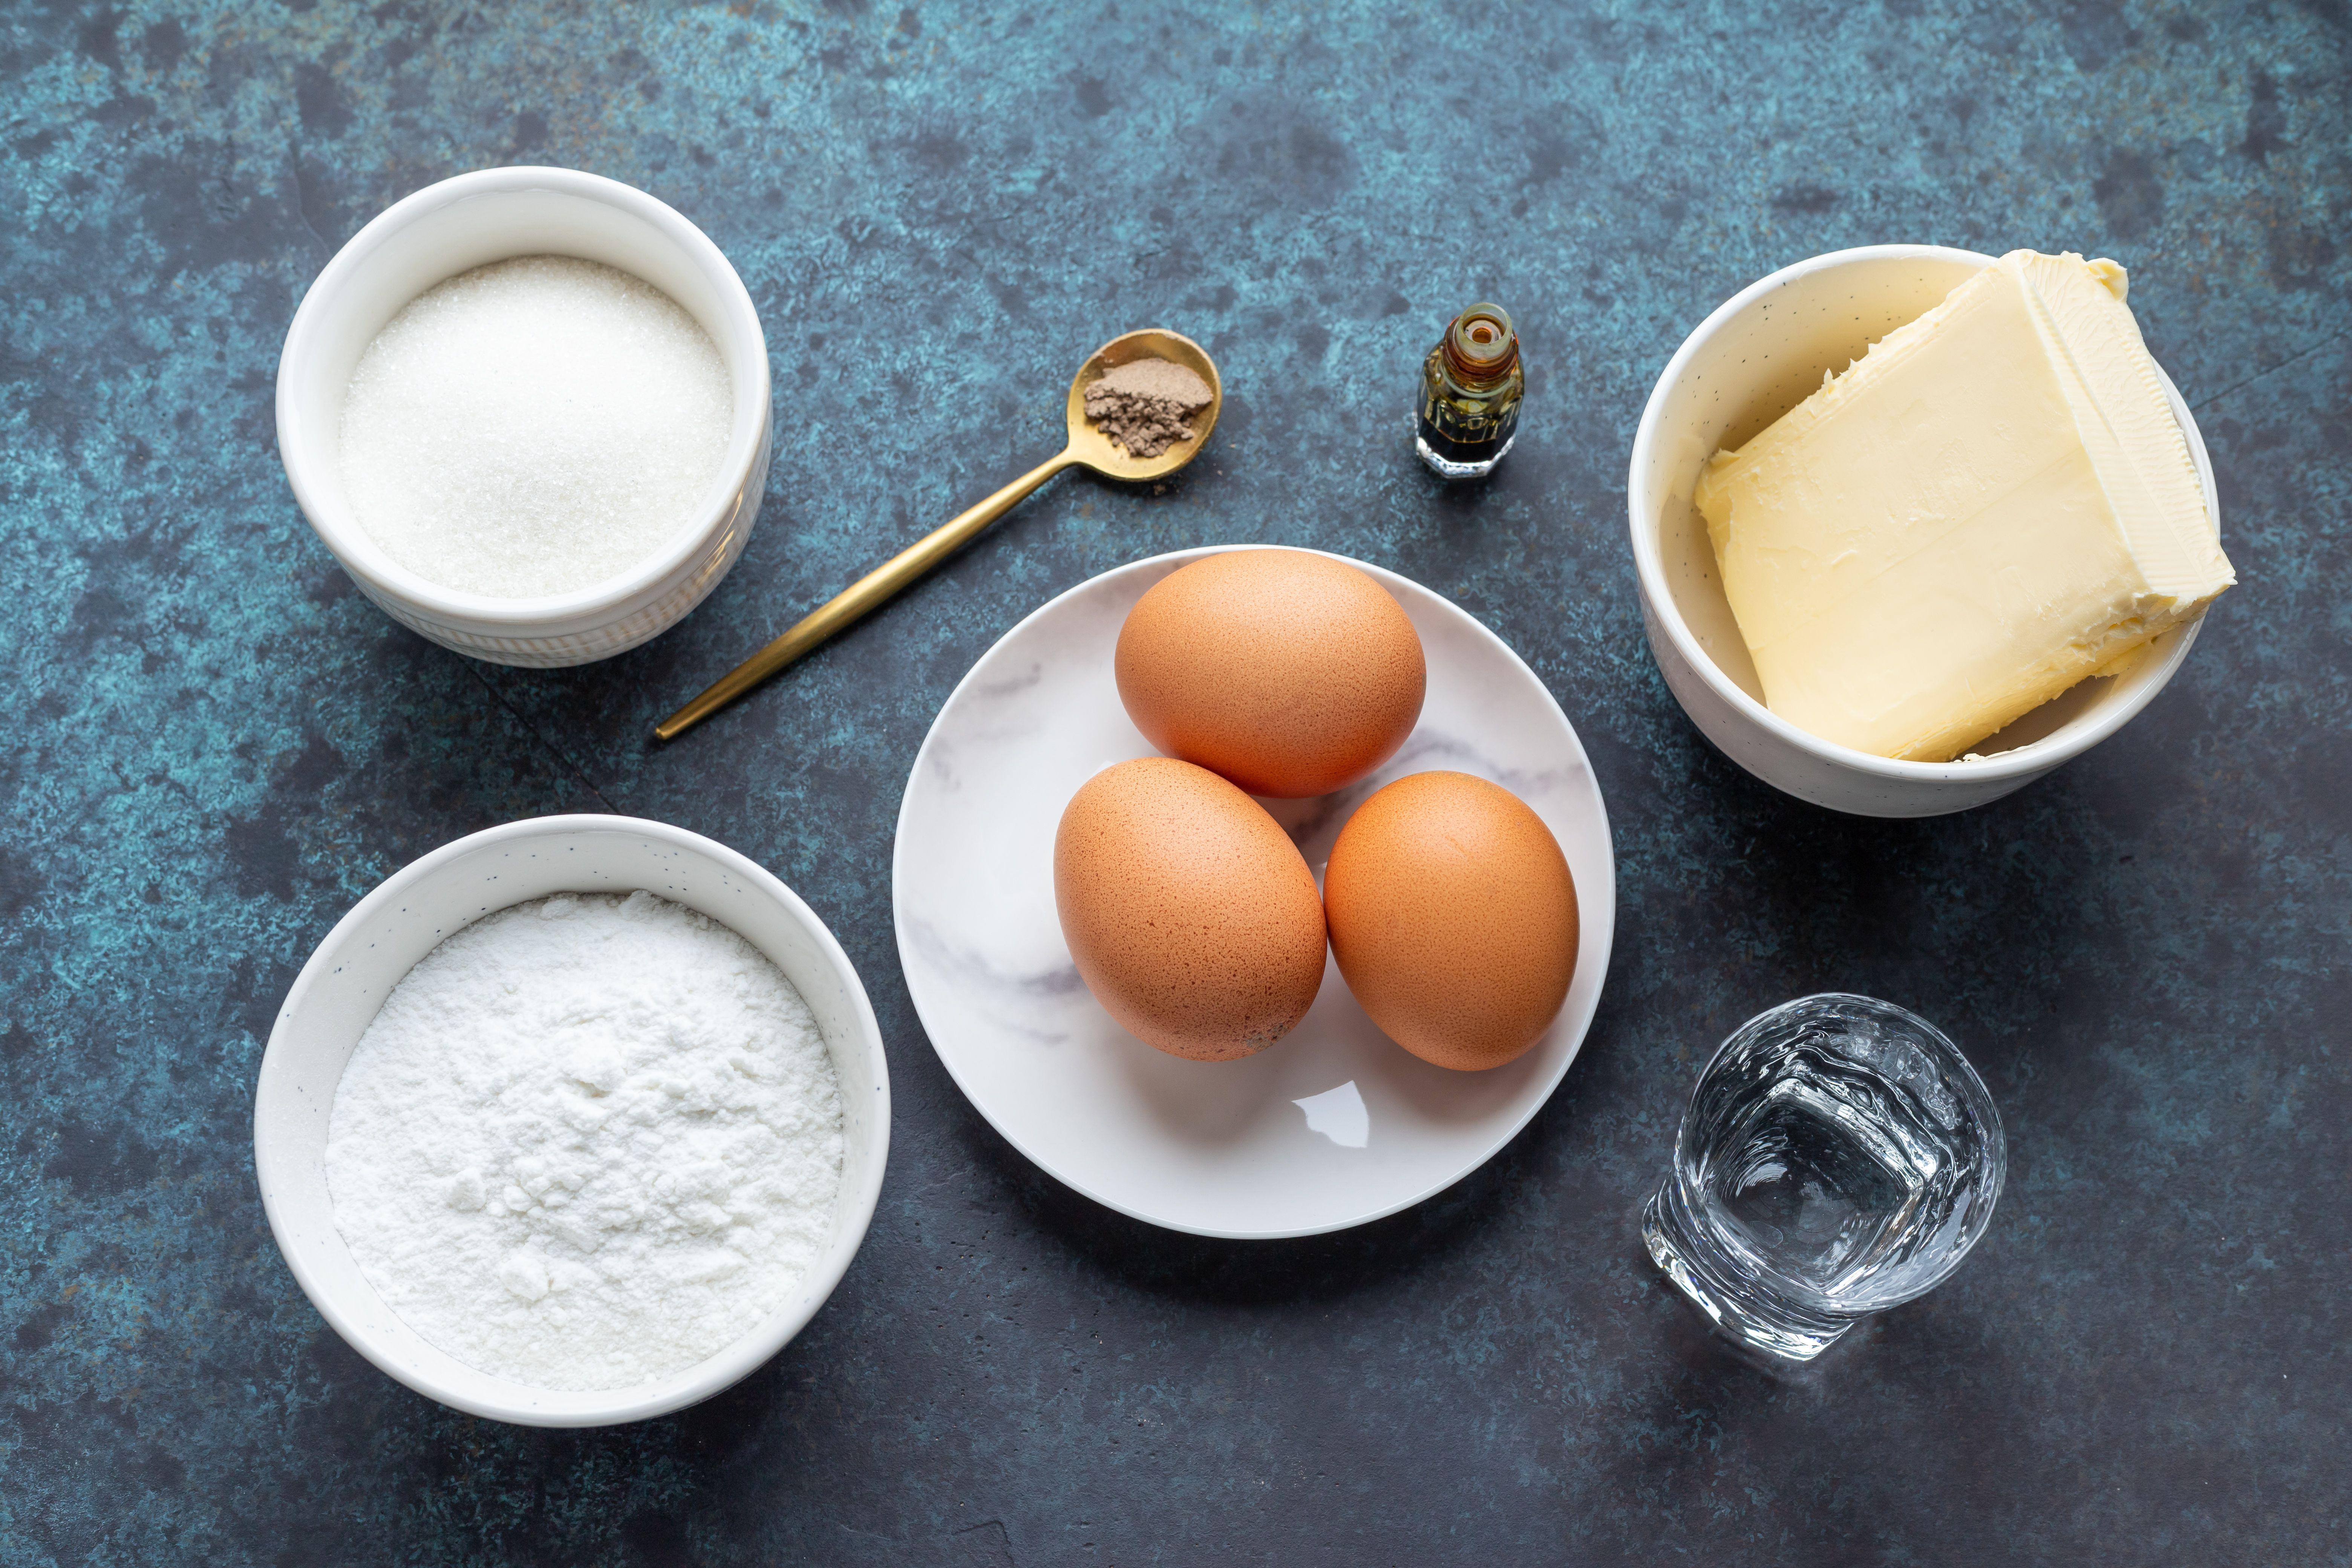 Ingredients for Krumkake cookies